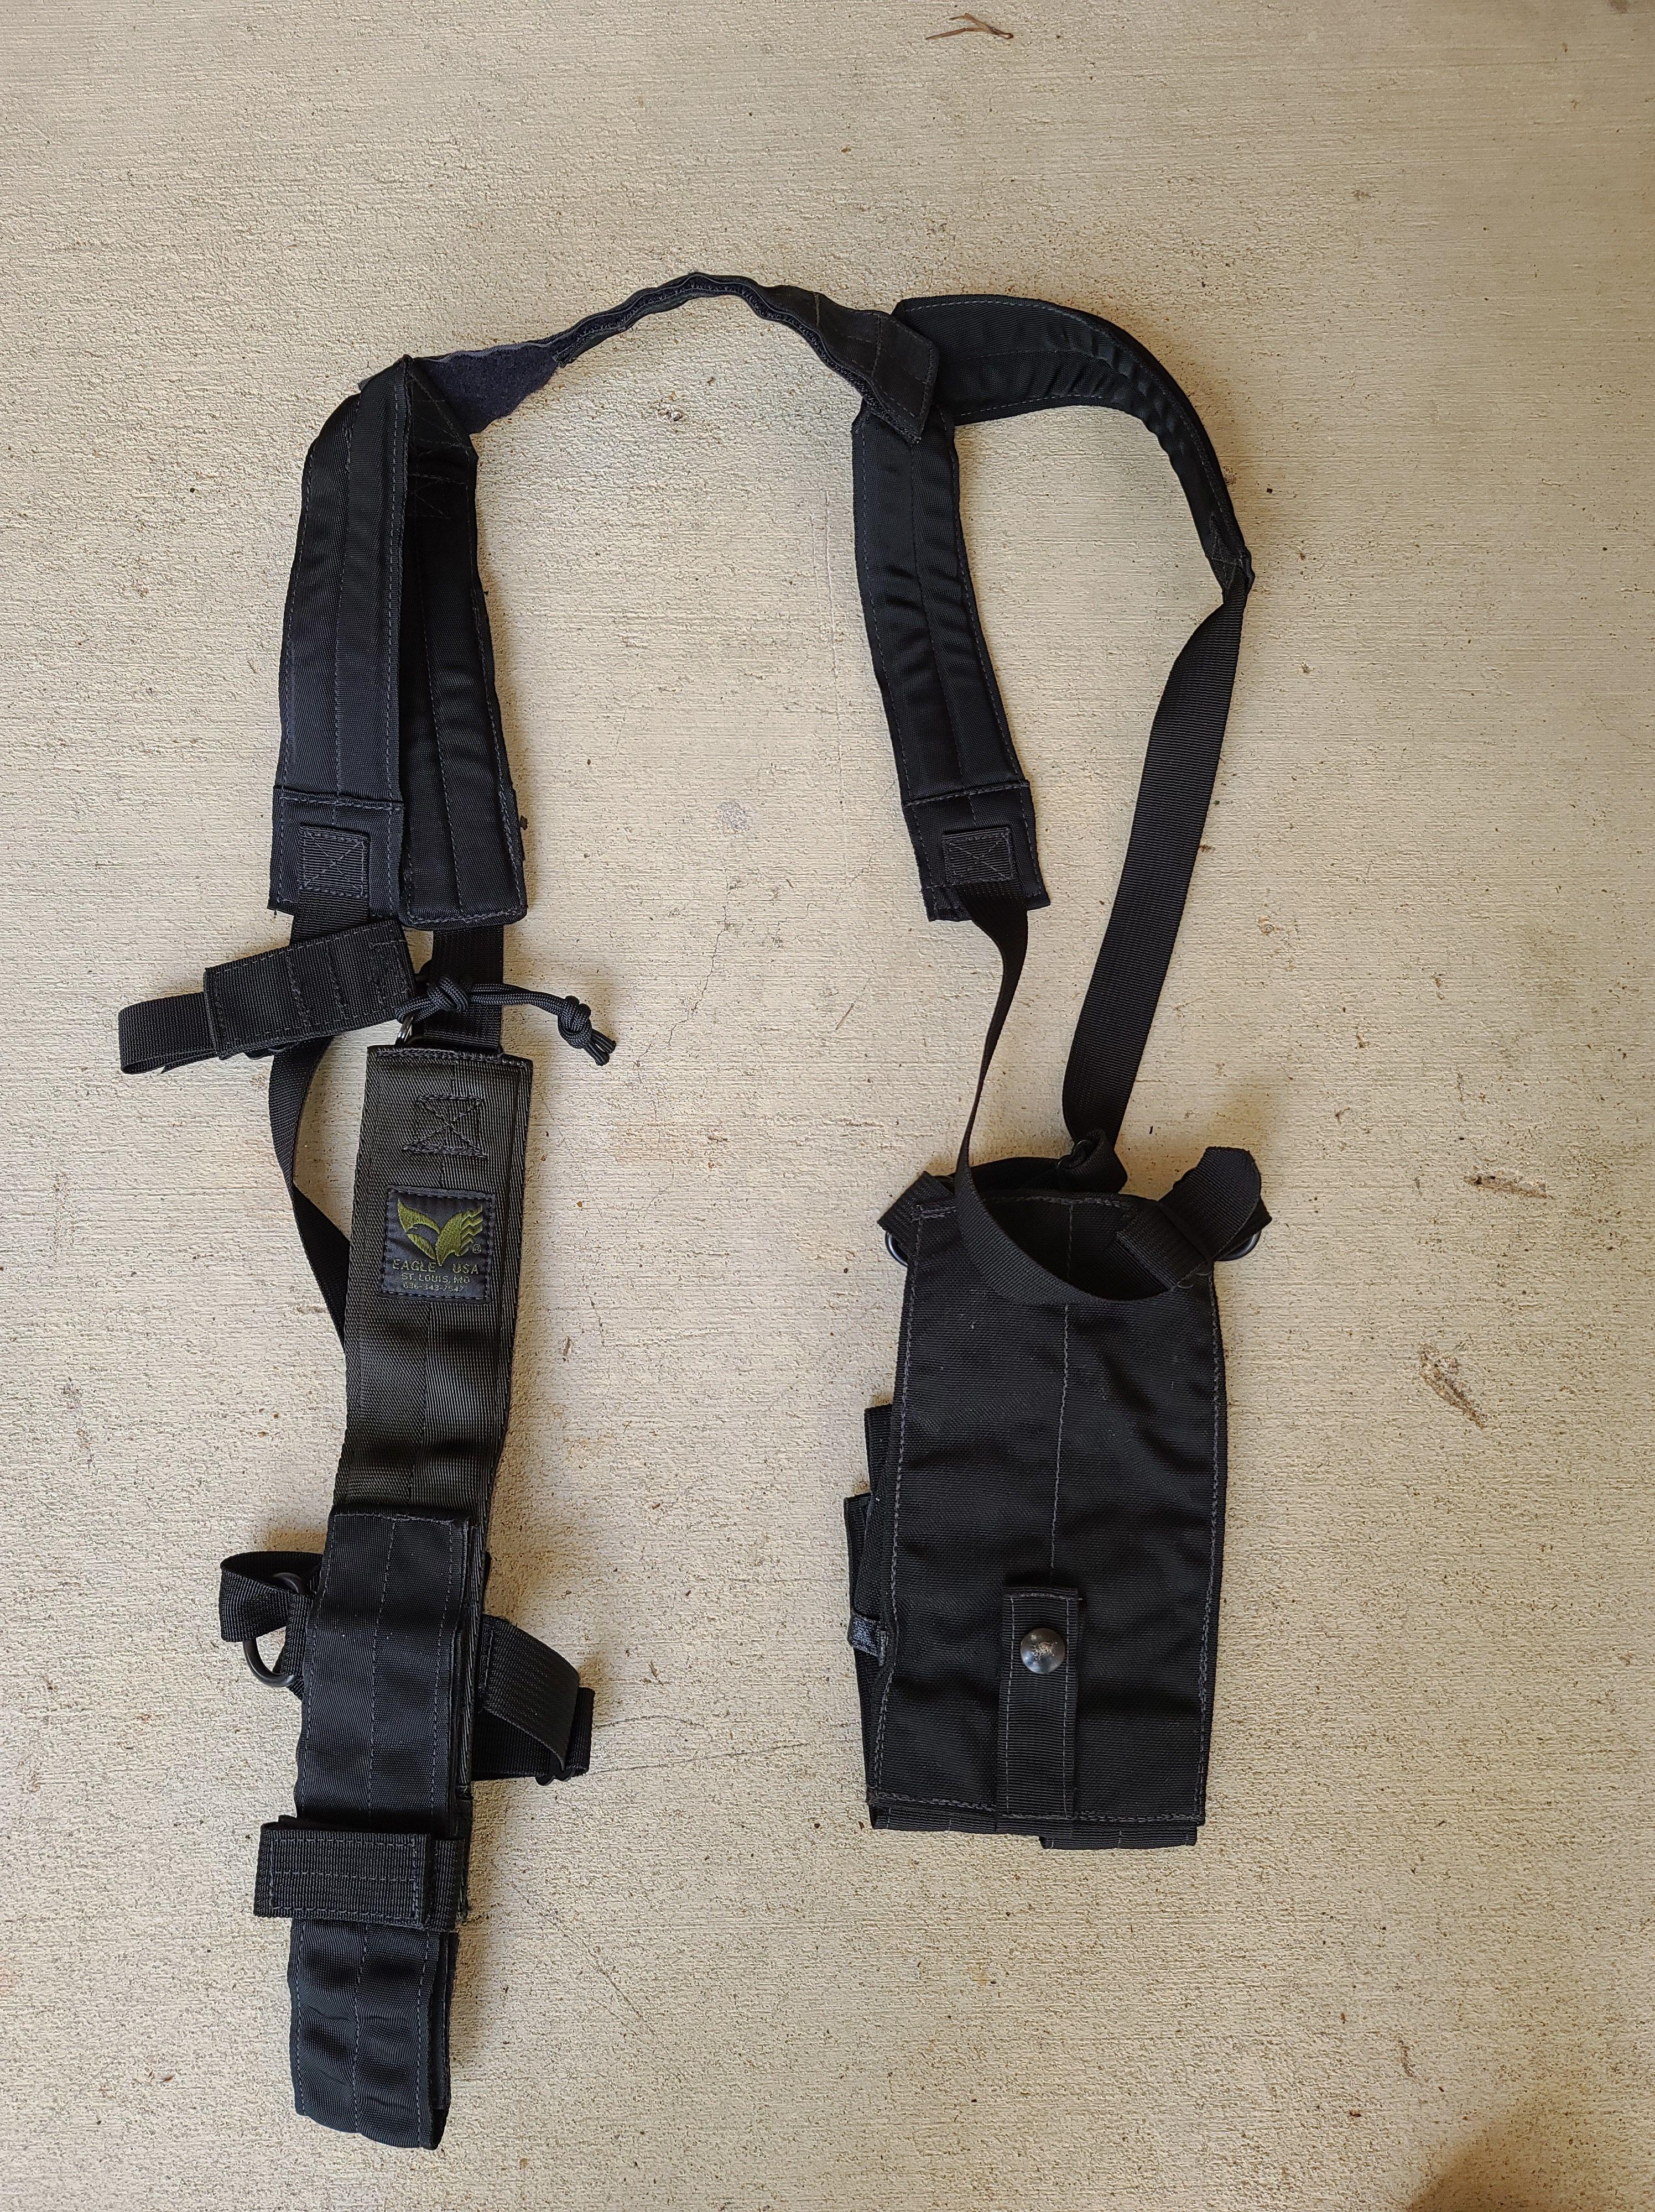 SOLD: new, rare Eagle MP5K SP89 SP5K shoulder harness rig-iwg4my.jpg